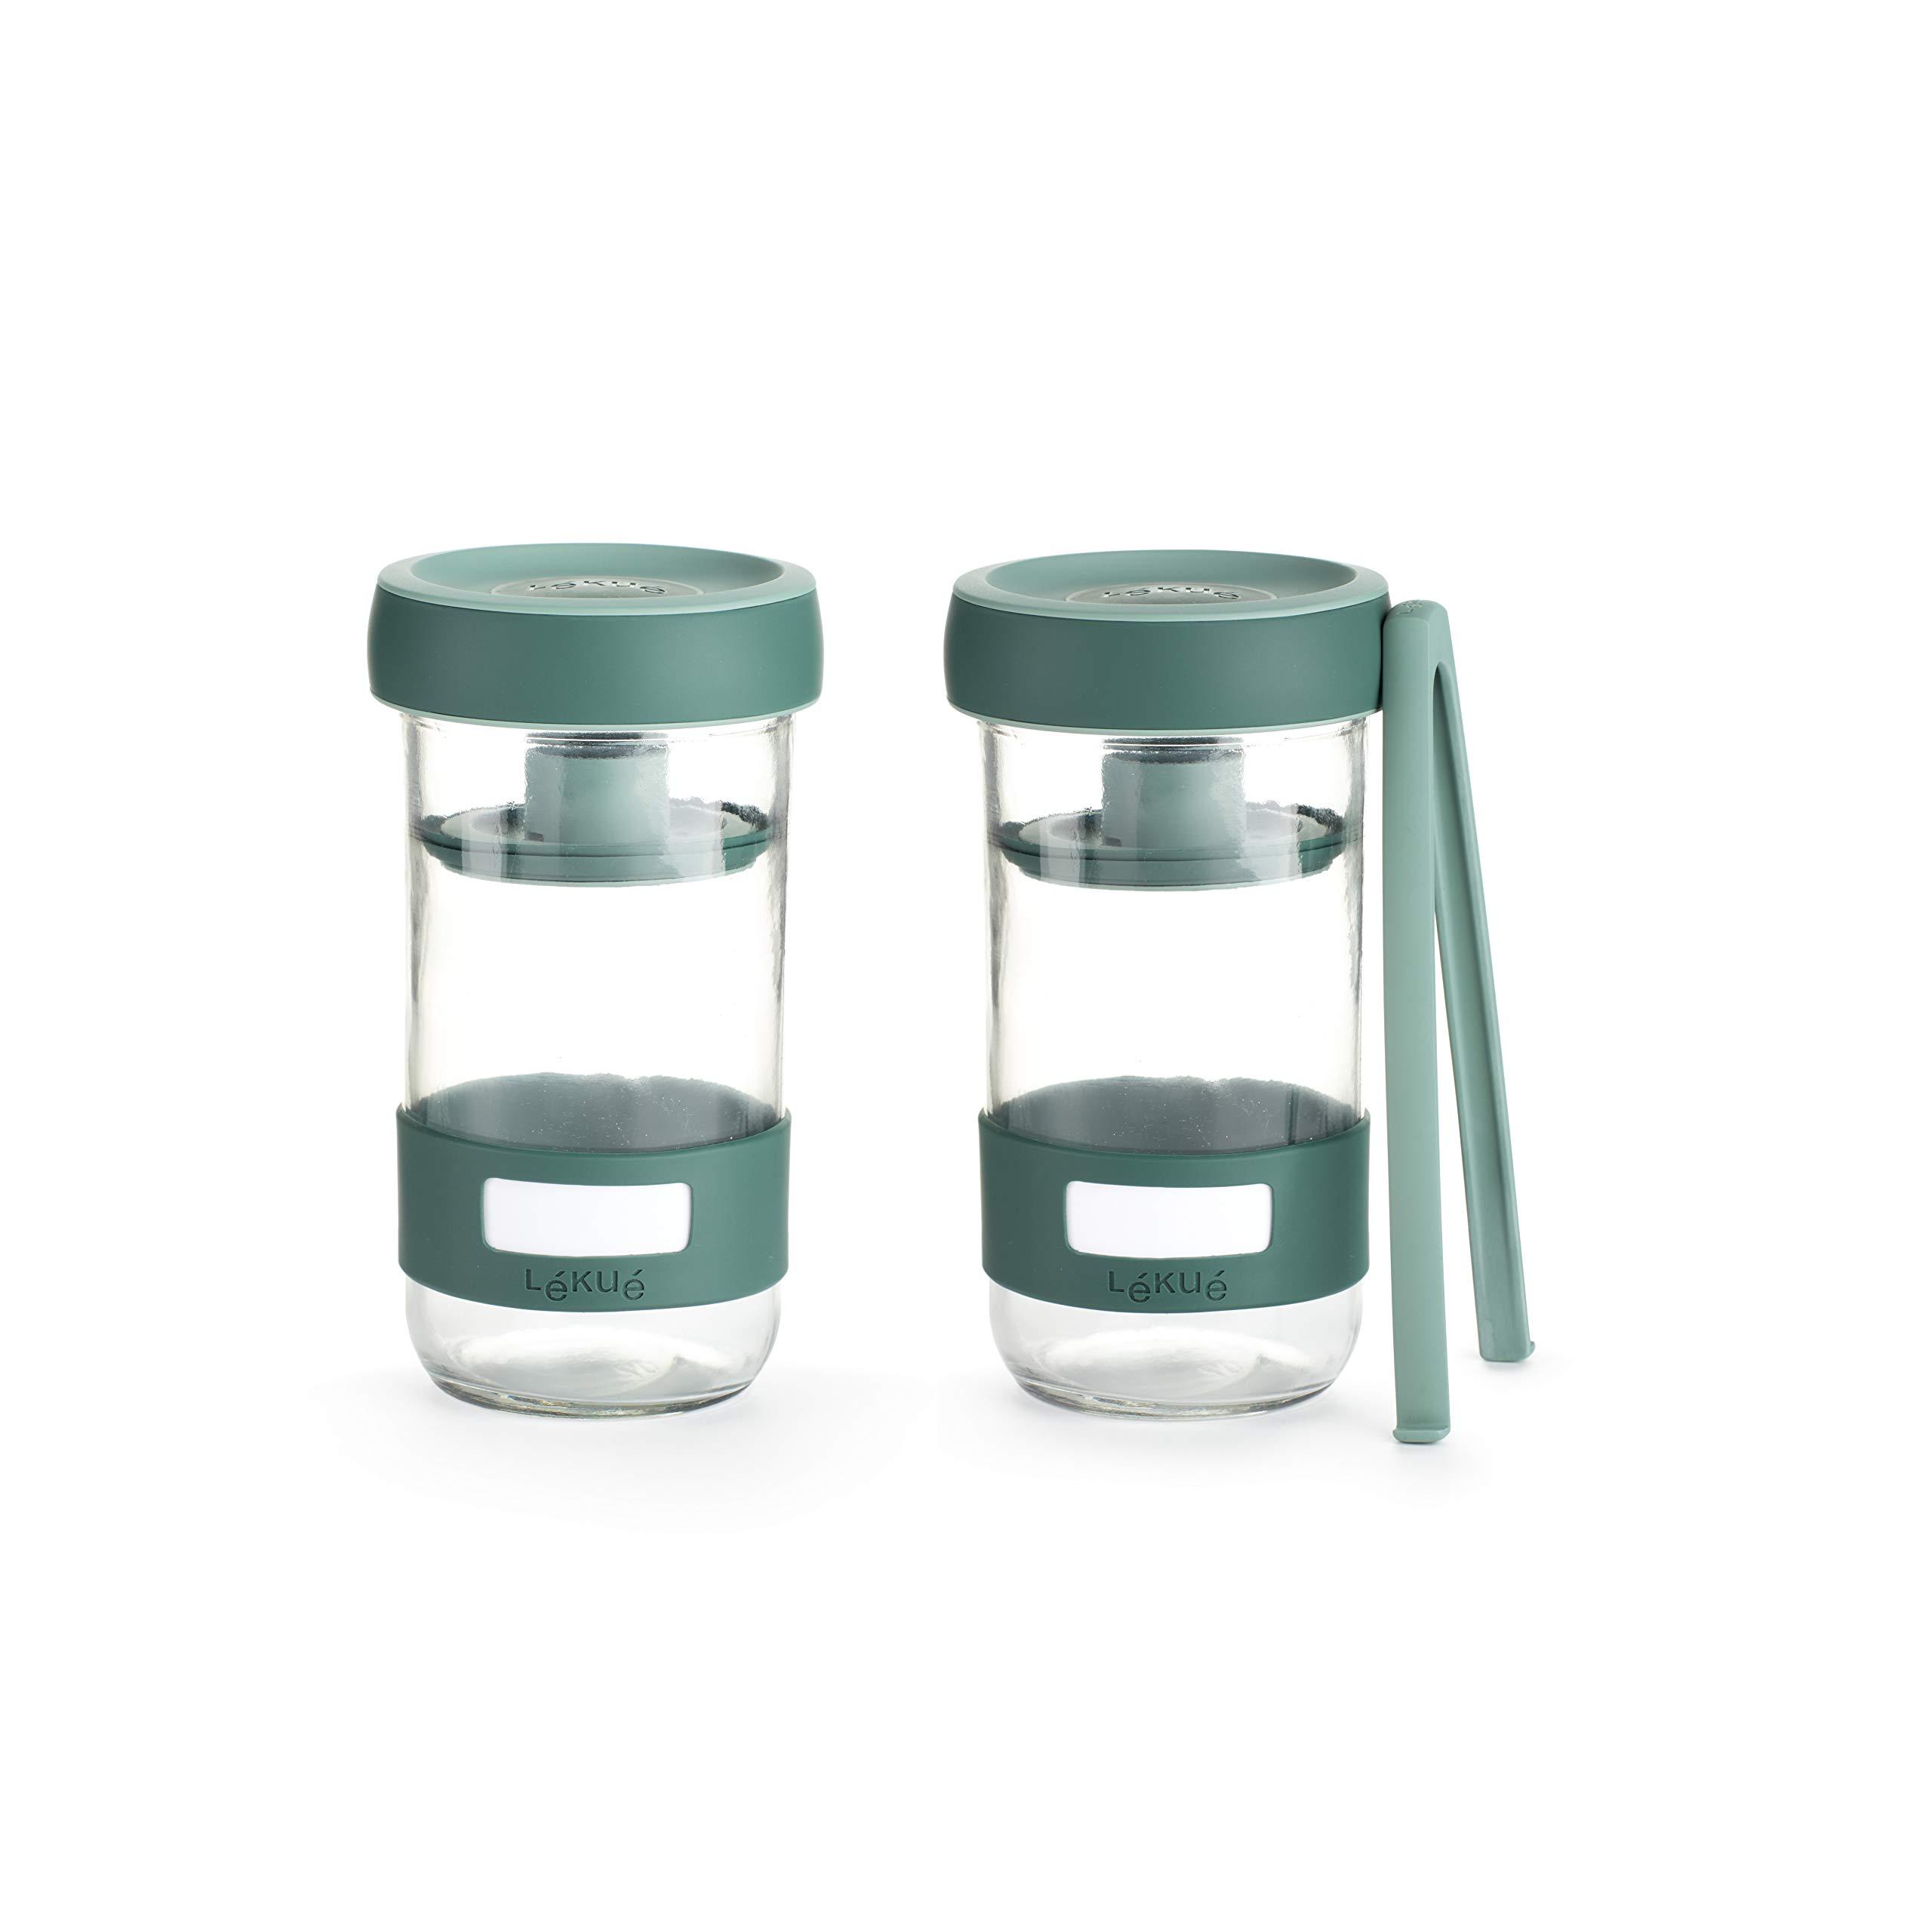 Lekue 3000100SURM017 Pickling Fermenting Kit, 24 oz, green by Lekue